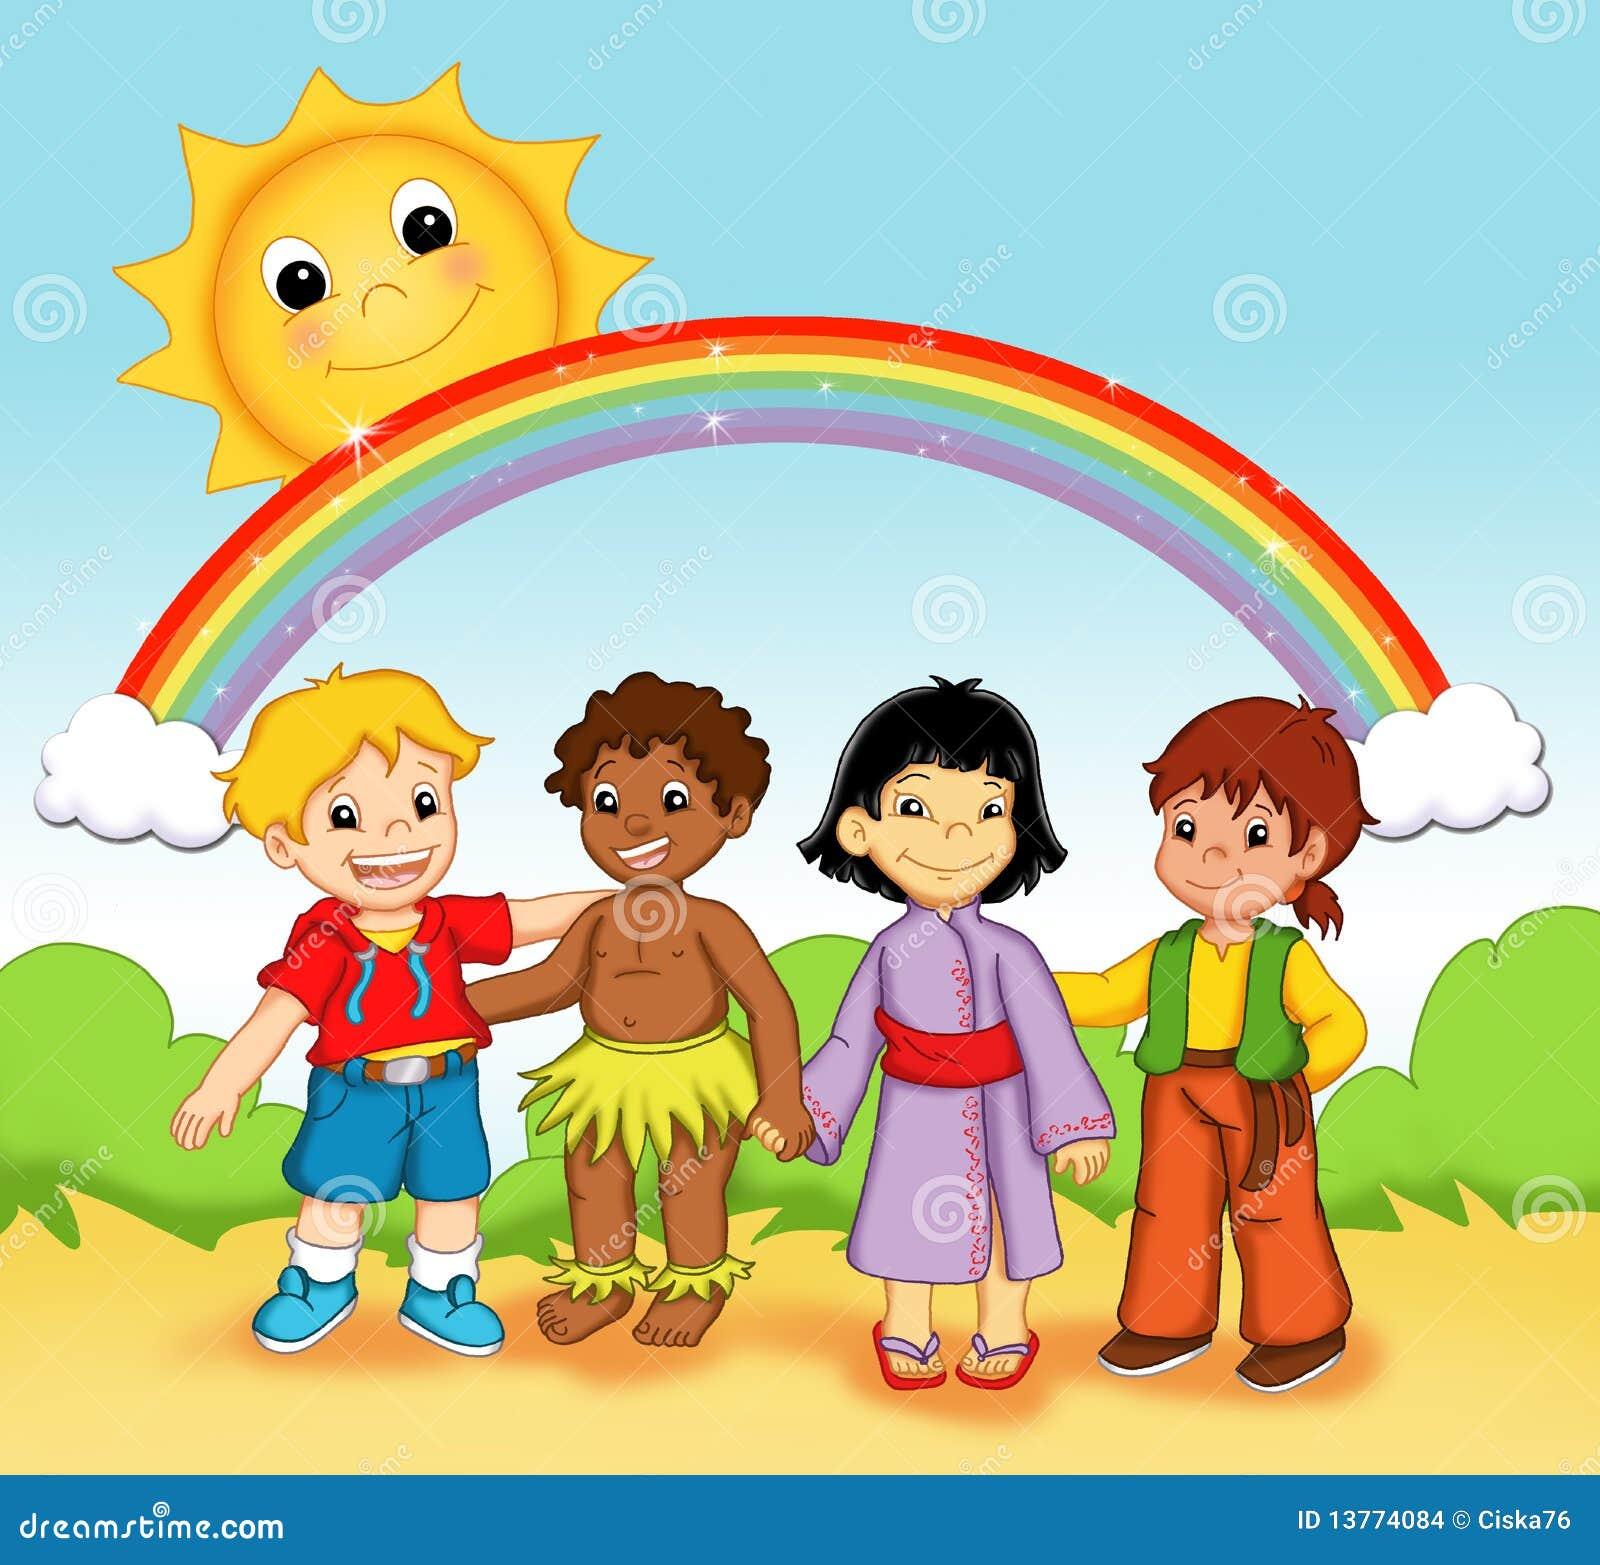 Bambini del mondo immagini stock immagine 13774084 for Immagini del mondo per bambini